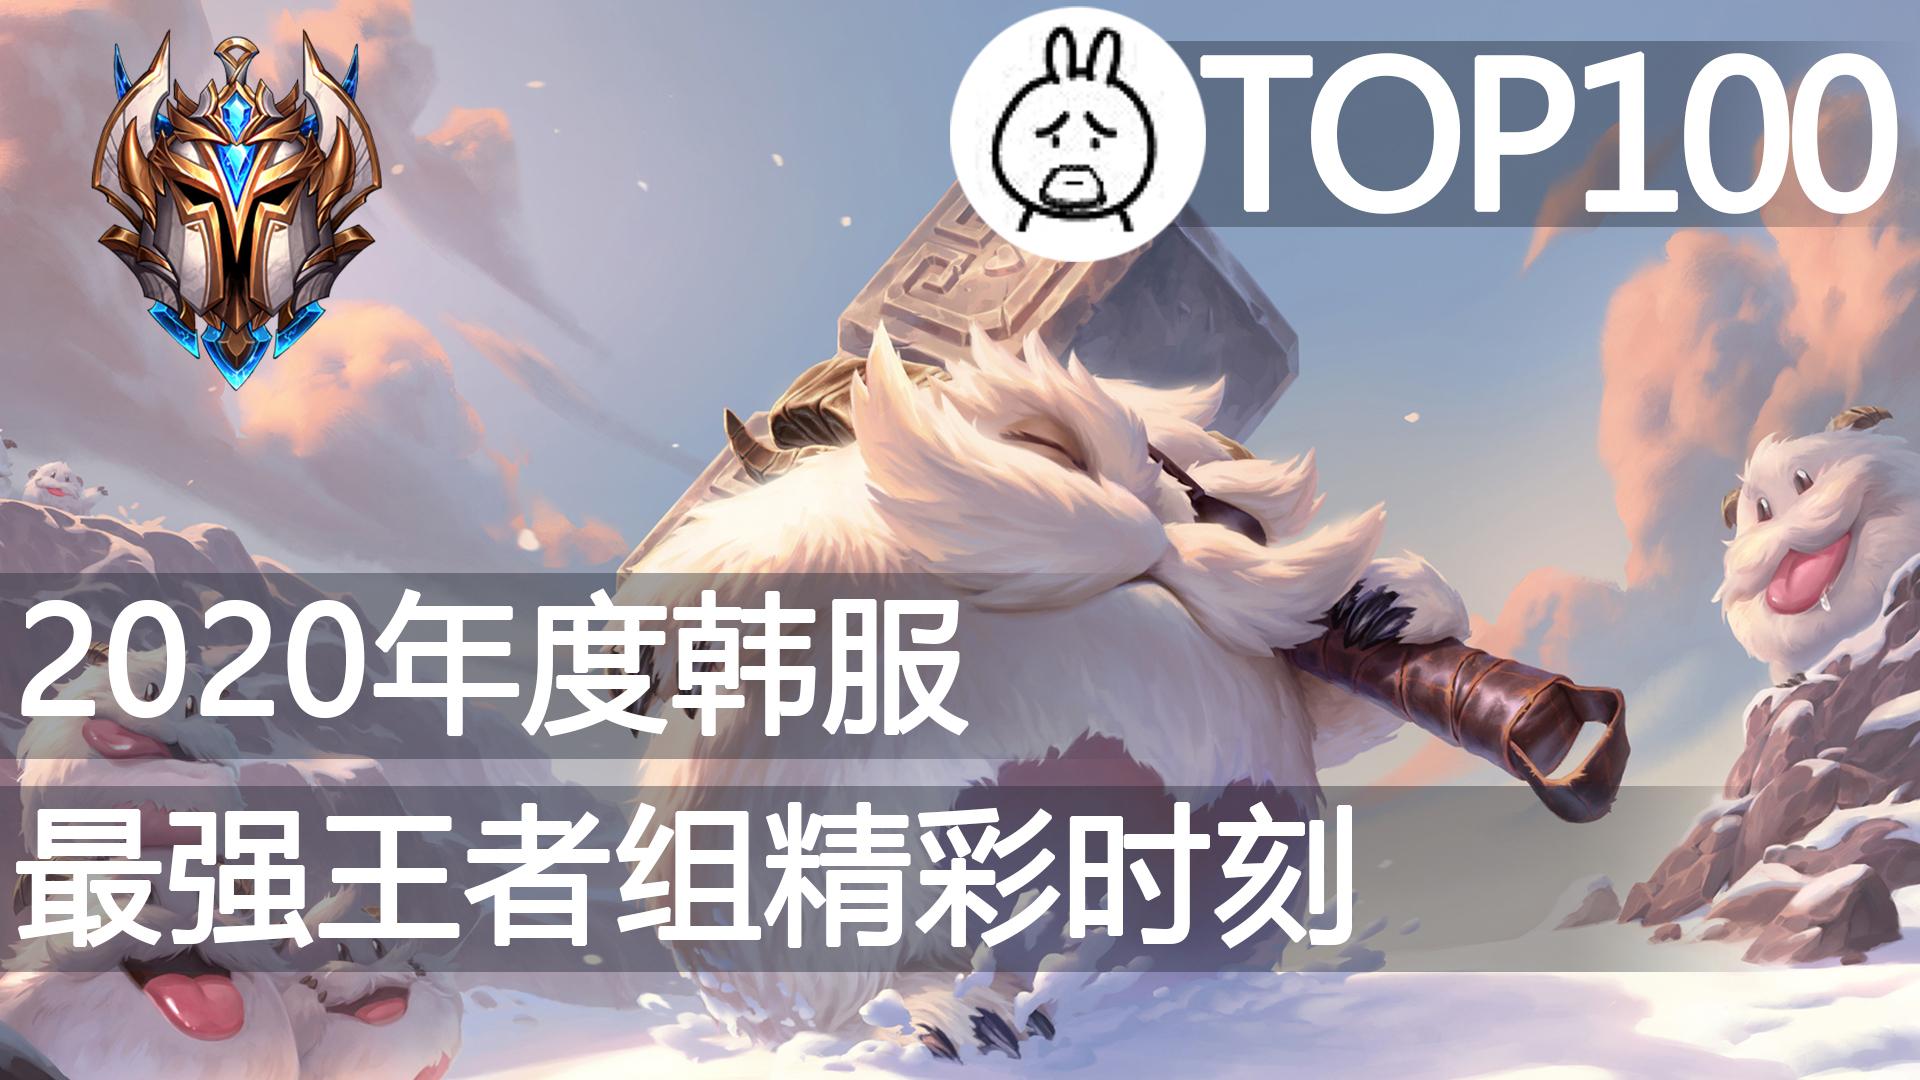 2020年度韩服最强王者组团战精彩时刻Top100